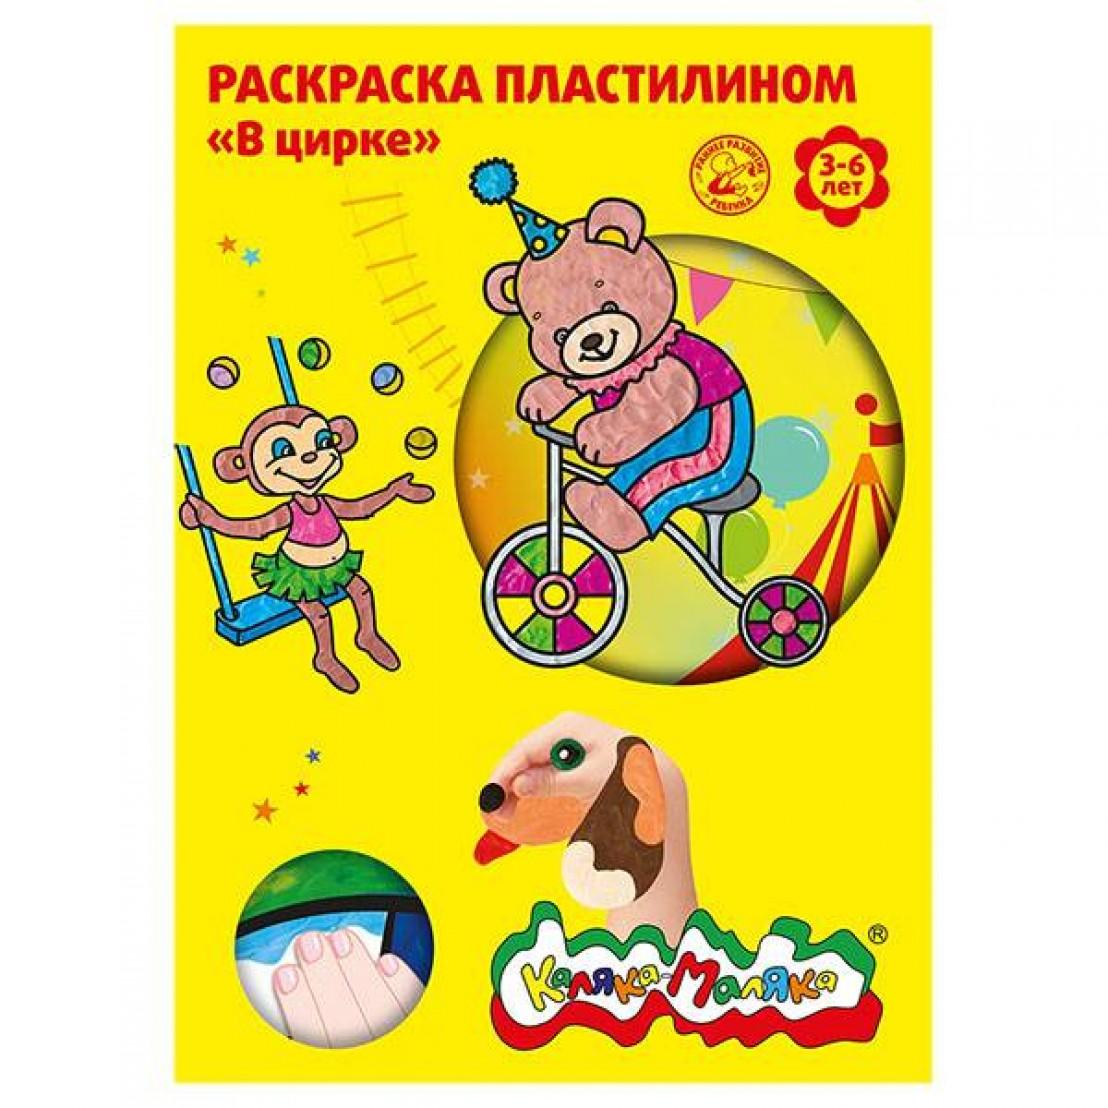 Раскраска пластилином Каляка-Маляка В ЦИРКЕ 4 карт. А4 феникс водная раскраска в цирке